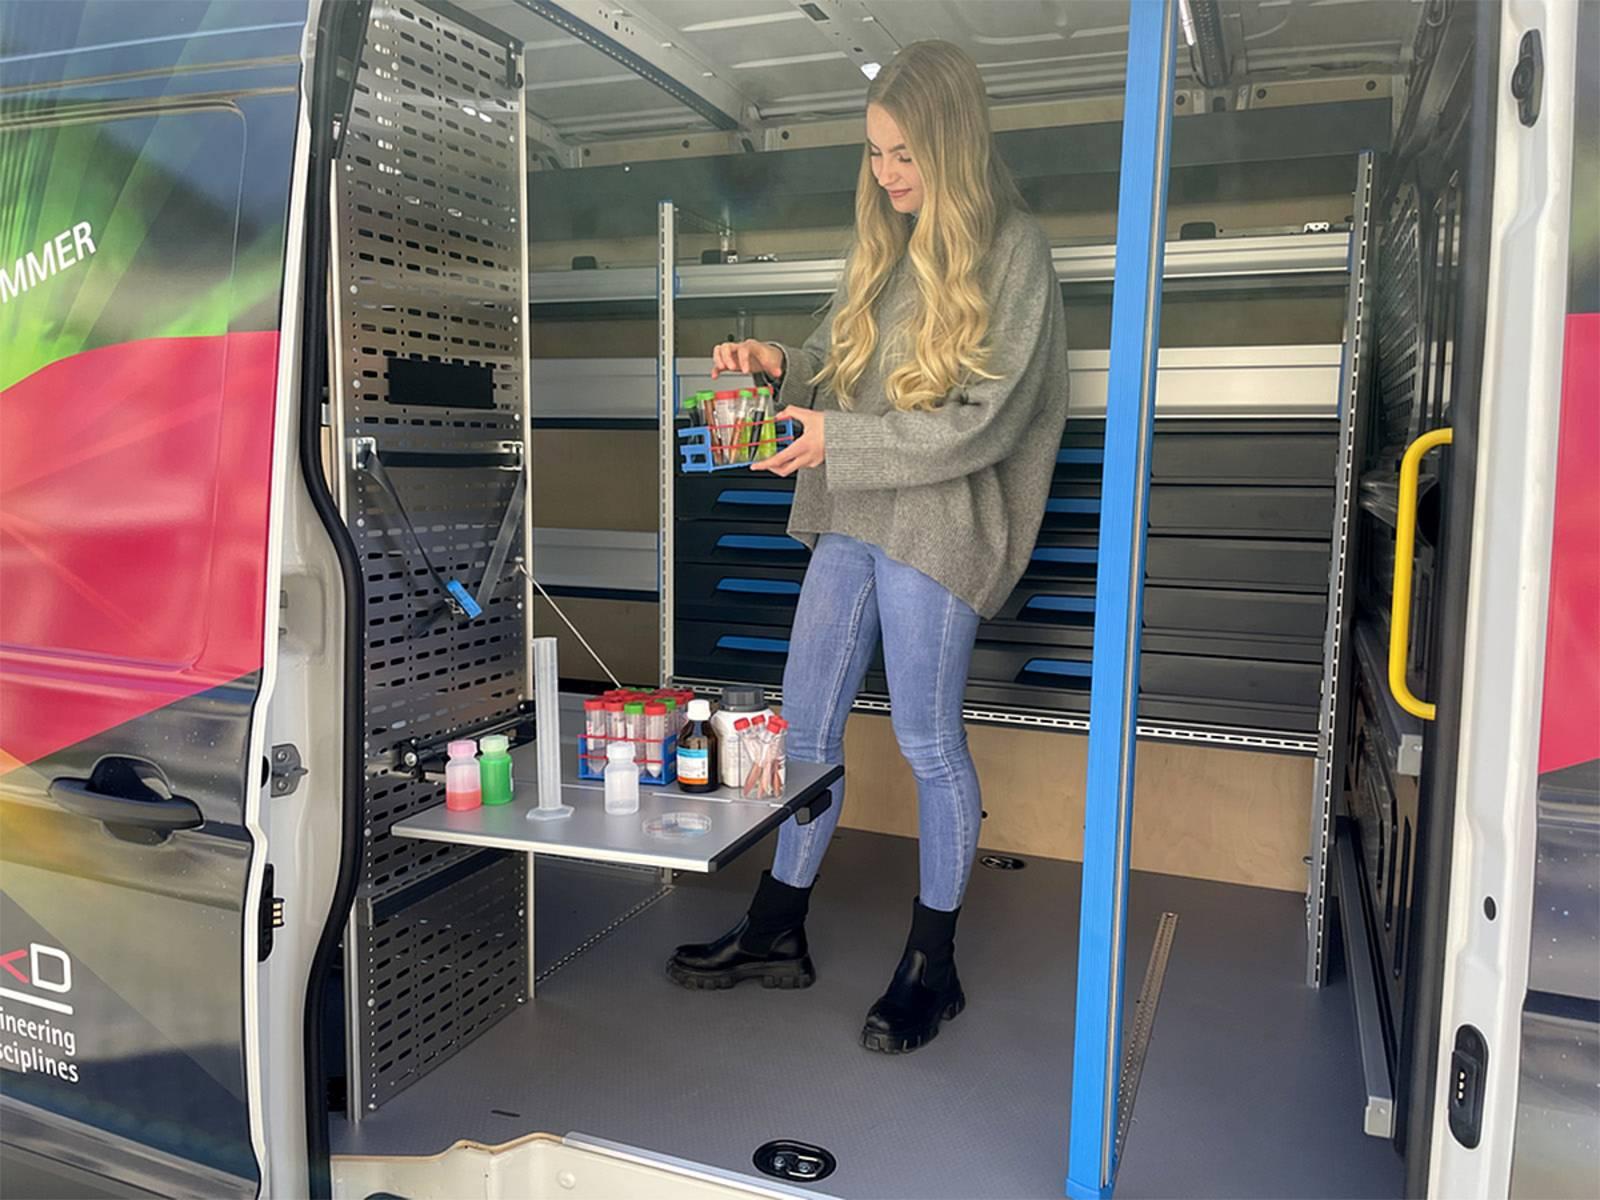 Junge Frau steht in einem Transporter, dessen Innenraum zu einem Labor umgebaut ist.